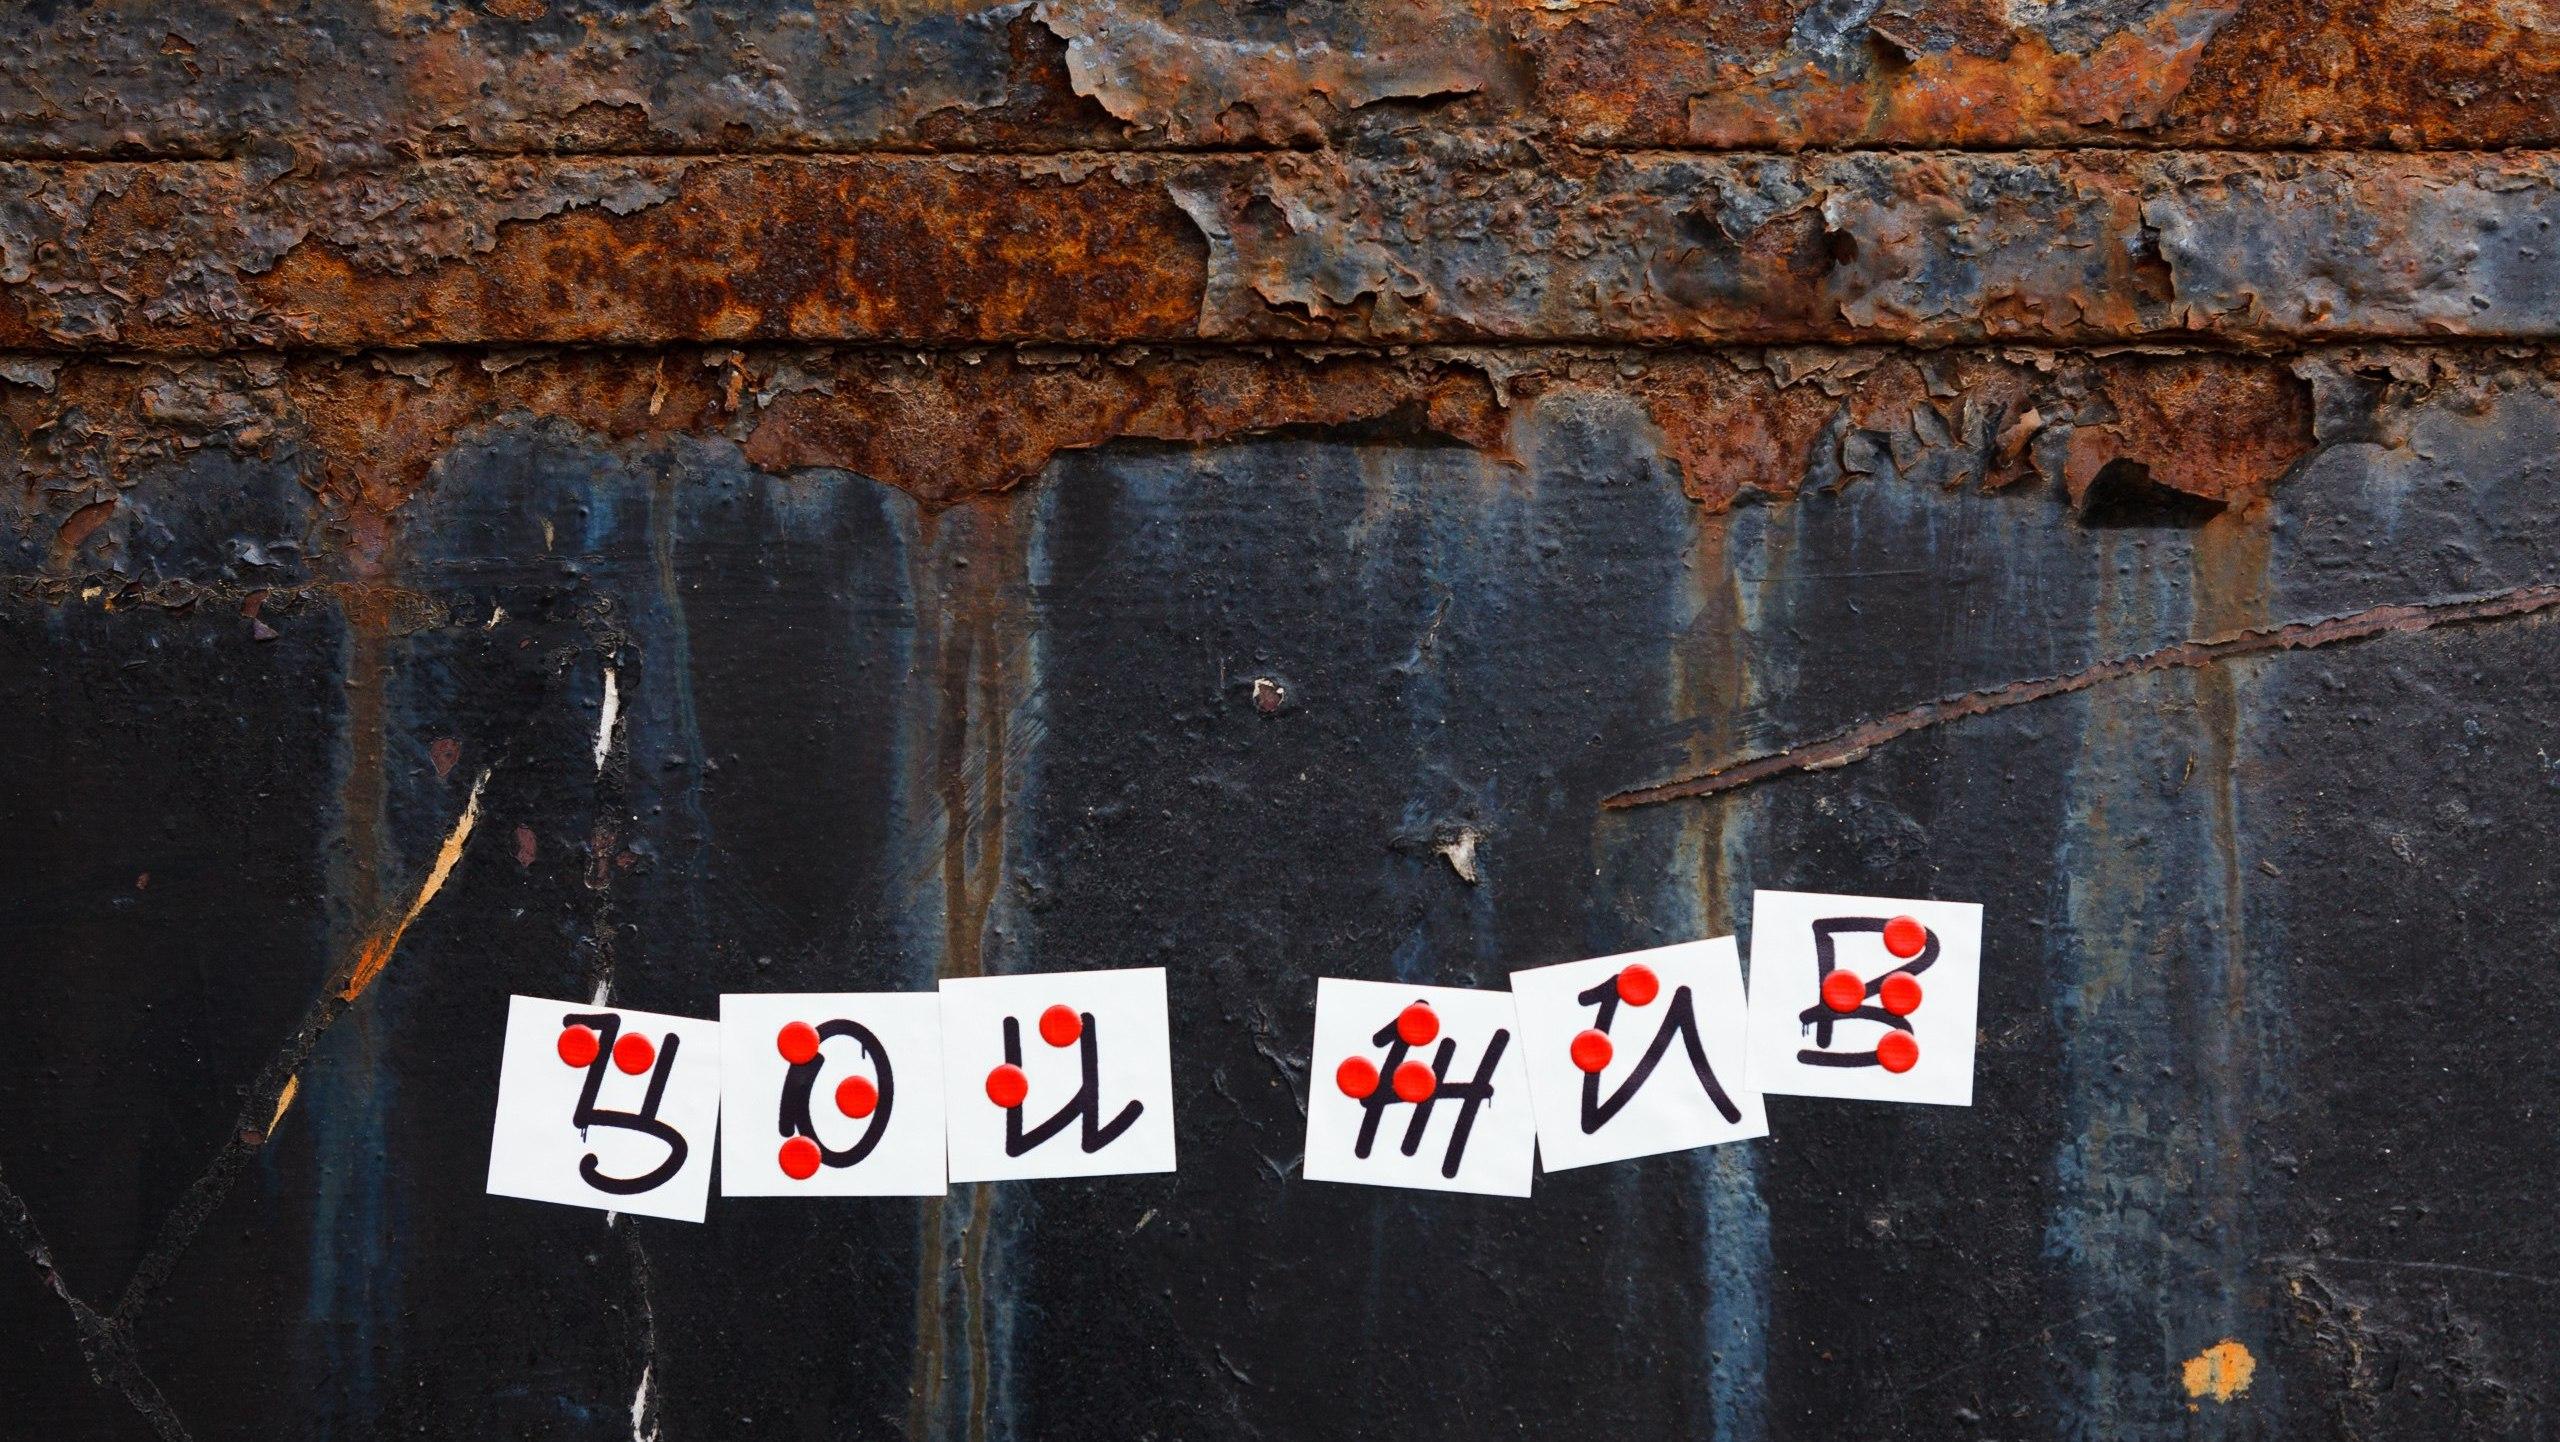 В первой российской галерее граффити для слепых появились новые арт-объекты. Фото